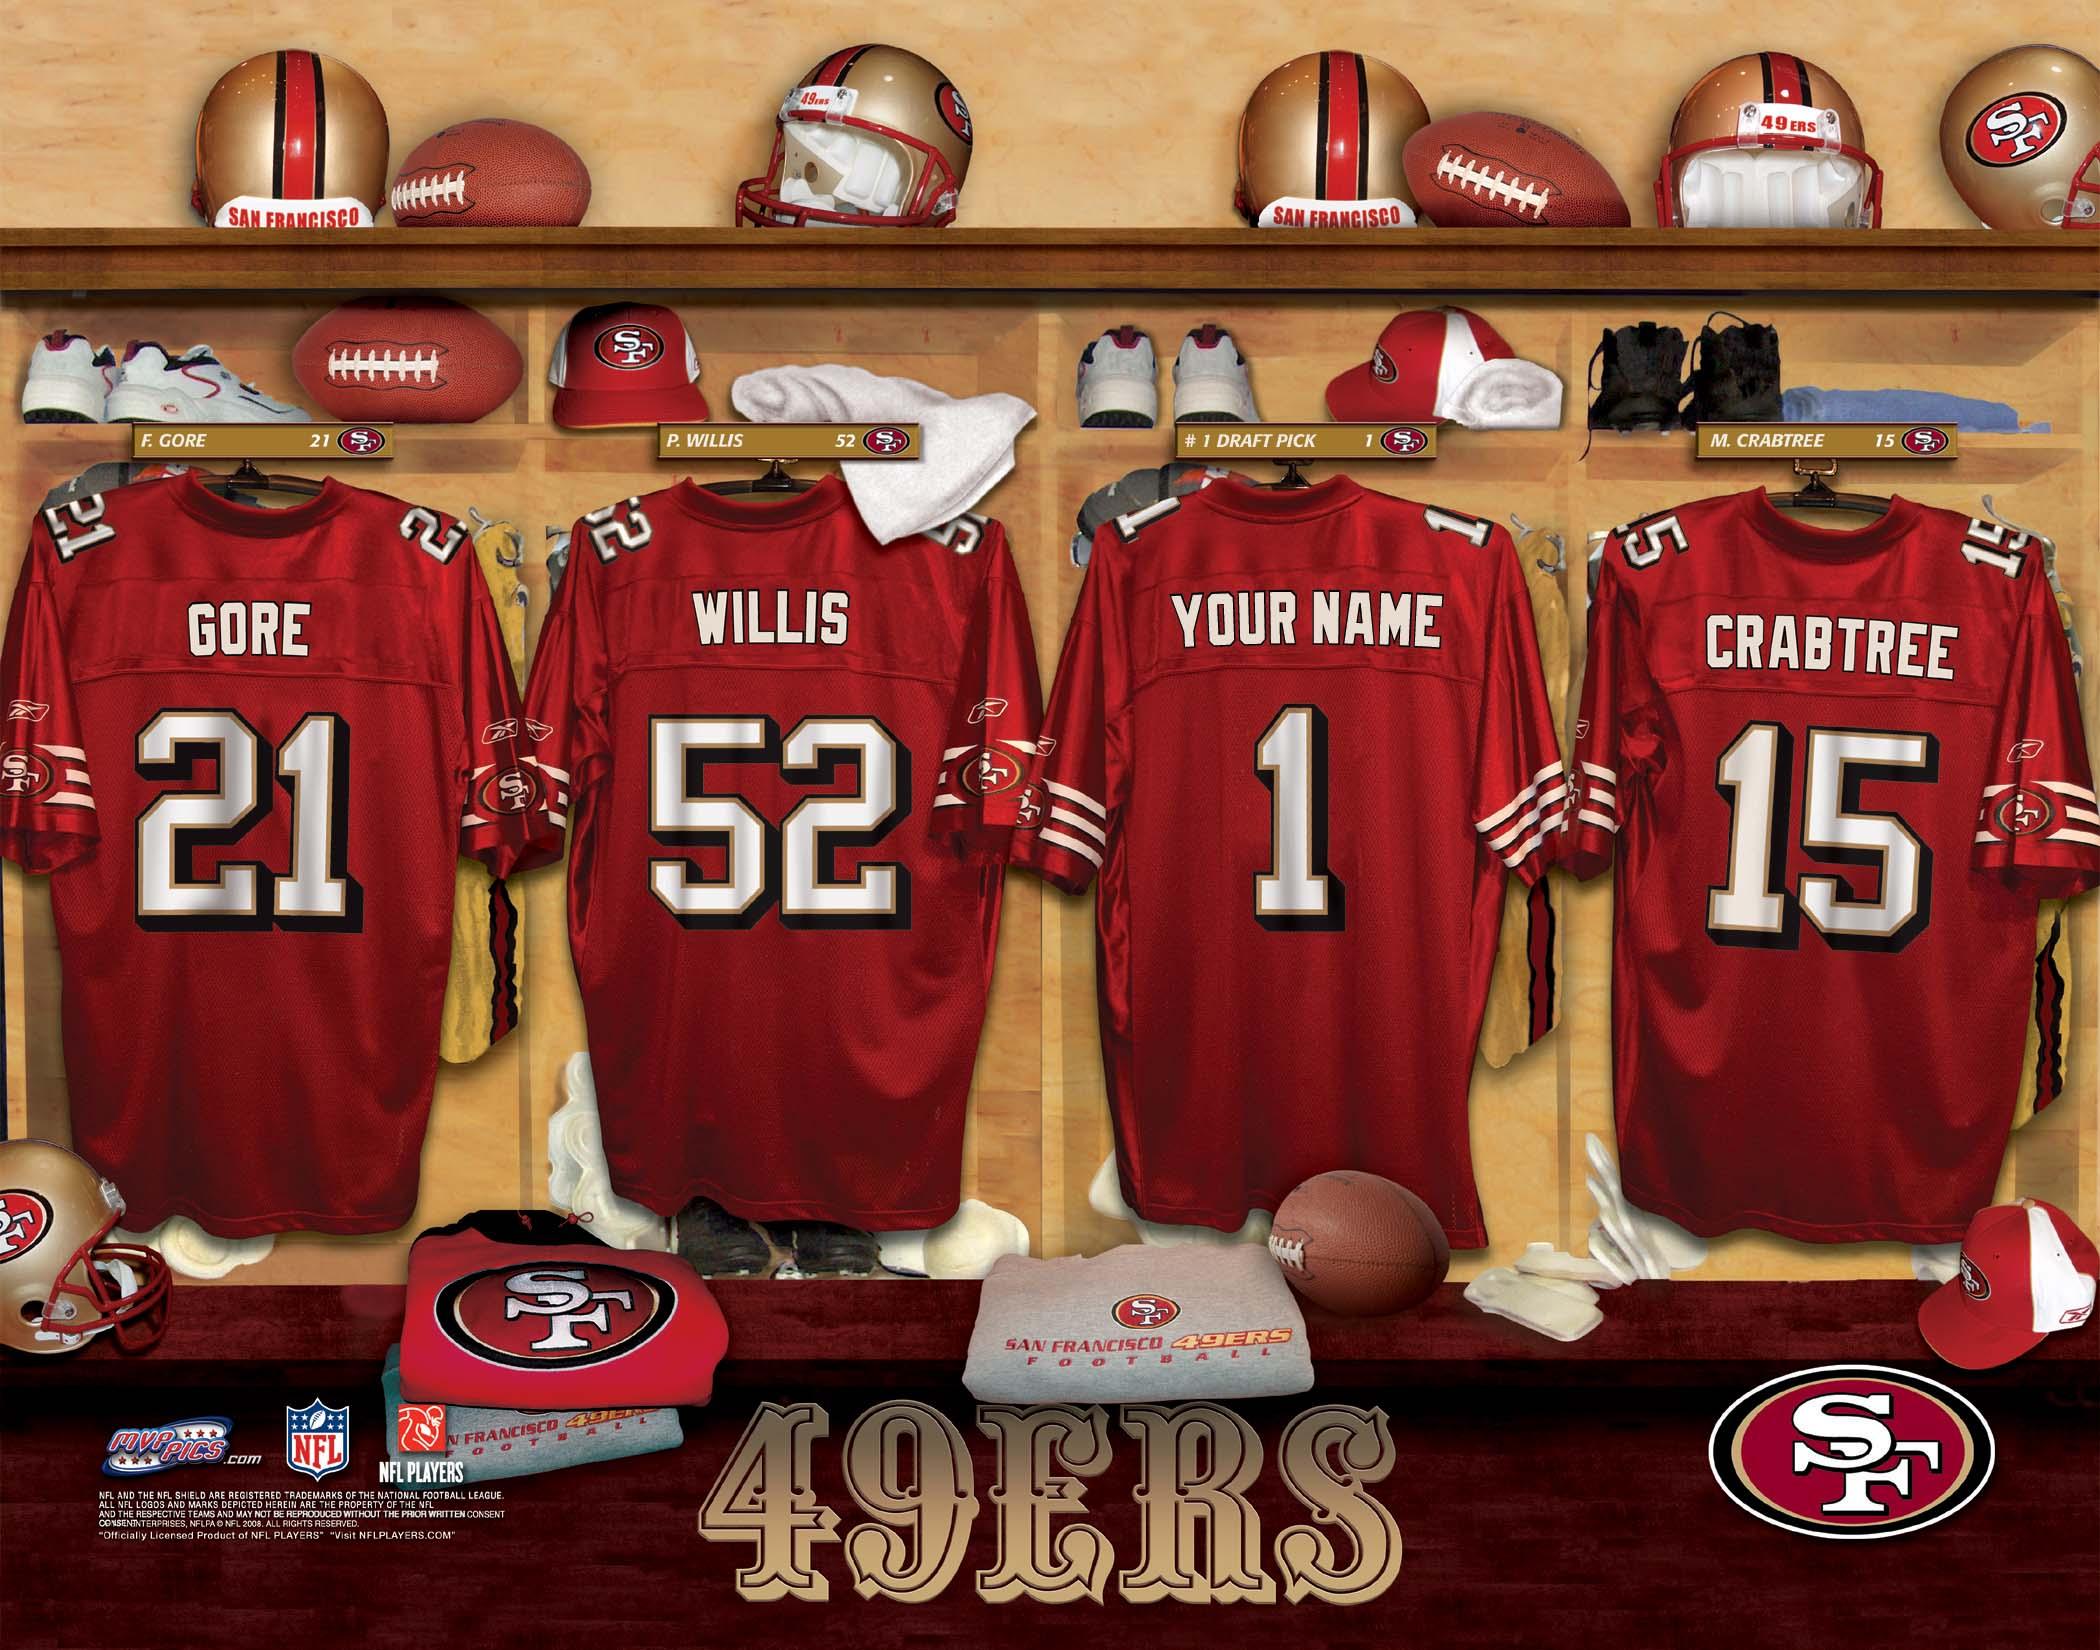 San Francisco 49ers Wallpaper 2014 | Sky HD Wallpaper